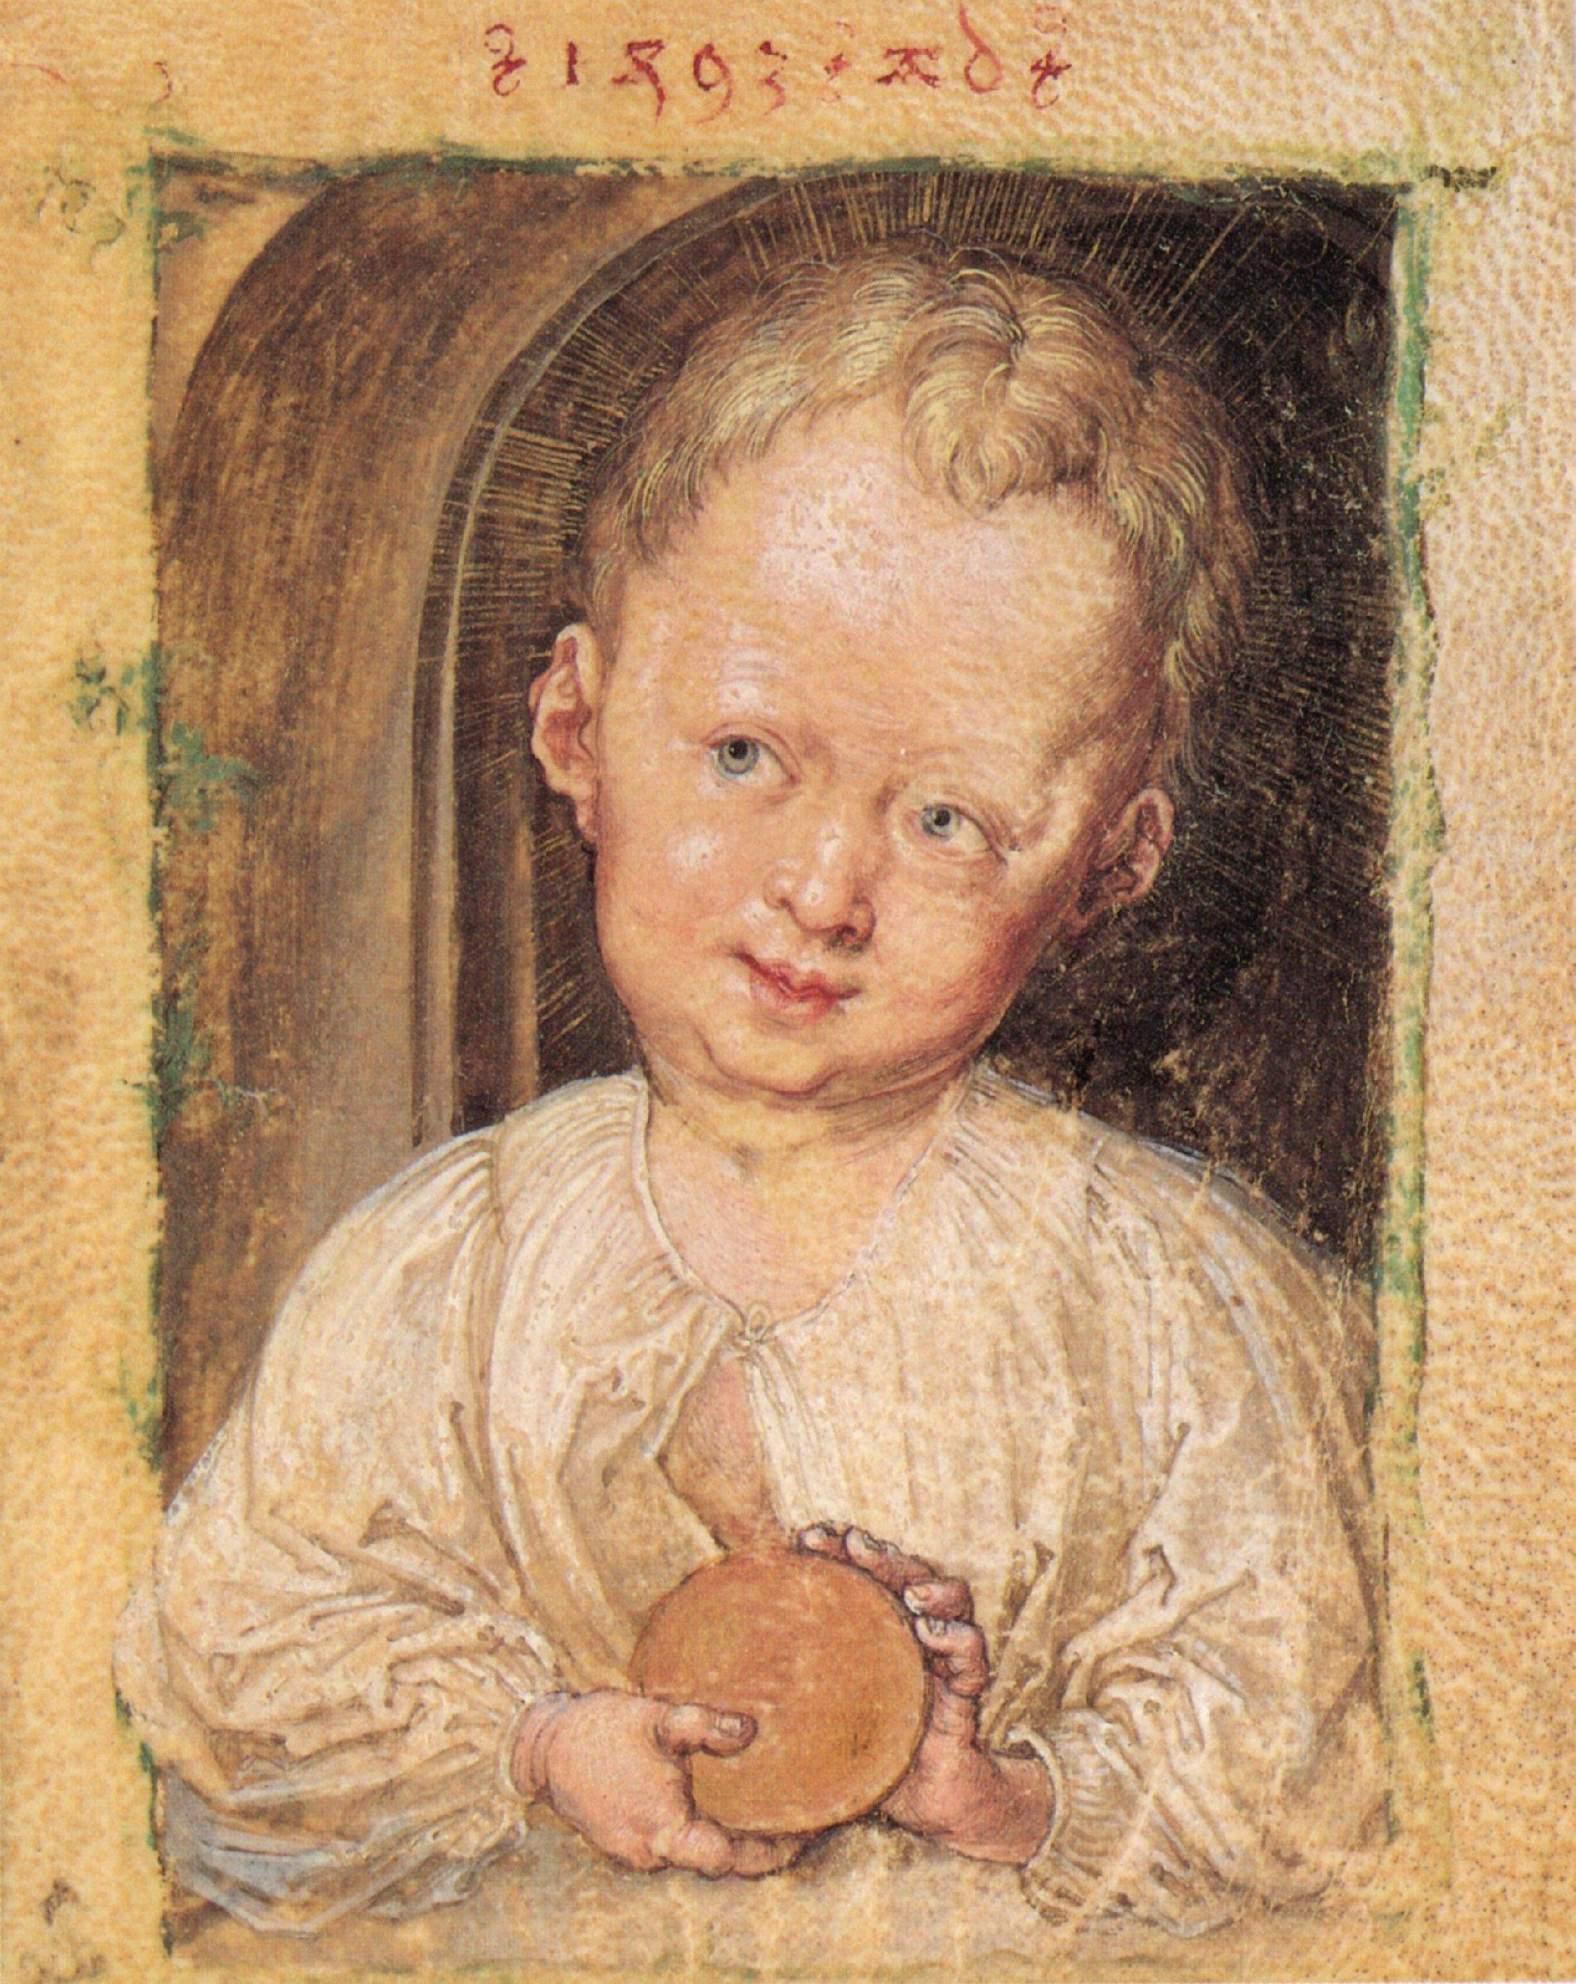 Ребенок Иисус с гостией, Альбрехт Дюрер